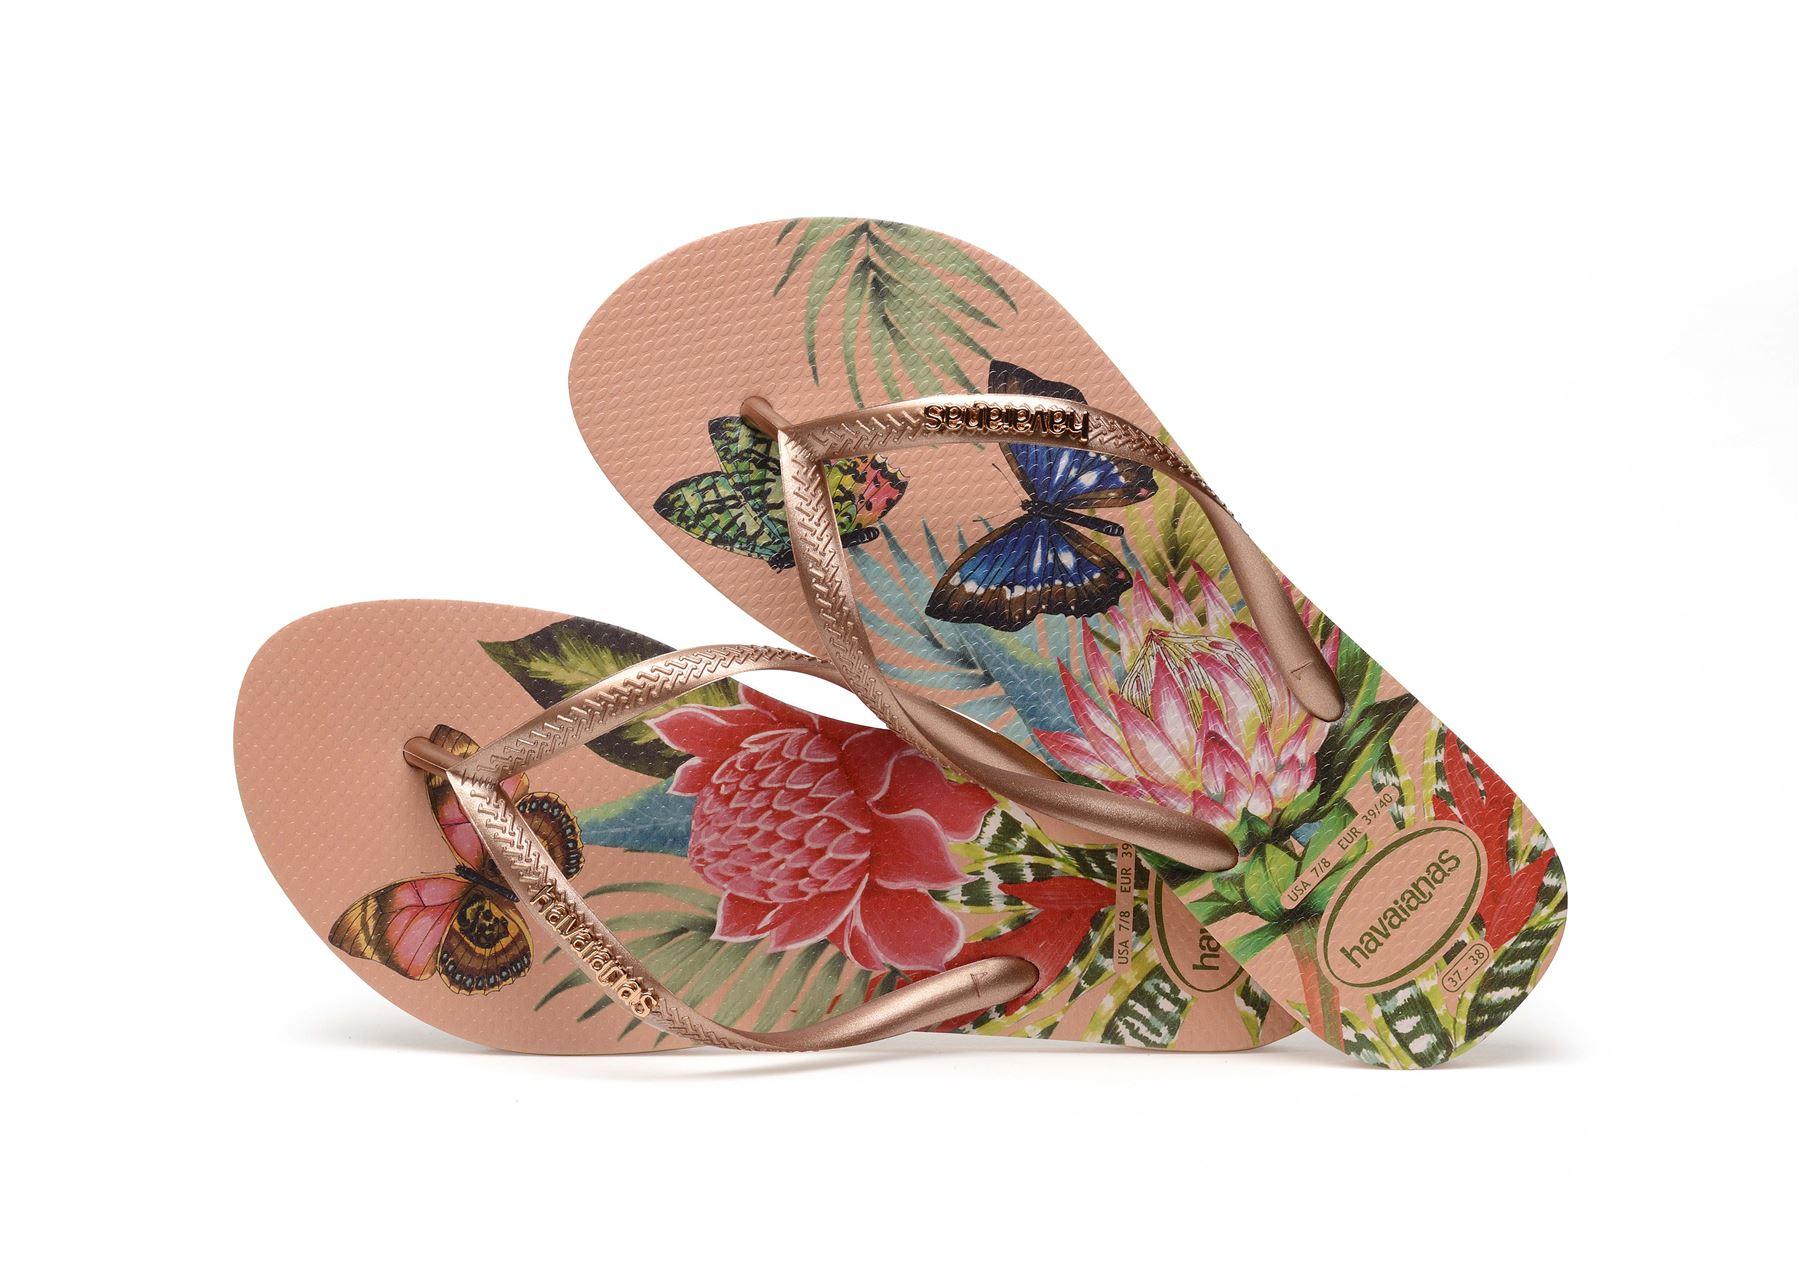 Havaianas-Slim-Tropical-amp-Imprime-Floral-Tongs-Ete-Plage-Piscine-Sandales miniature 13